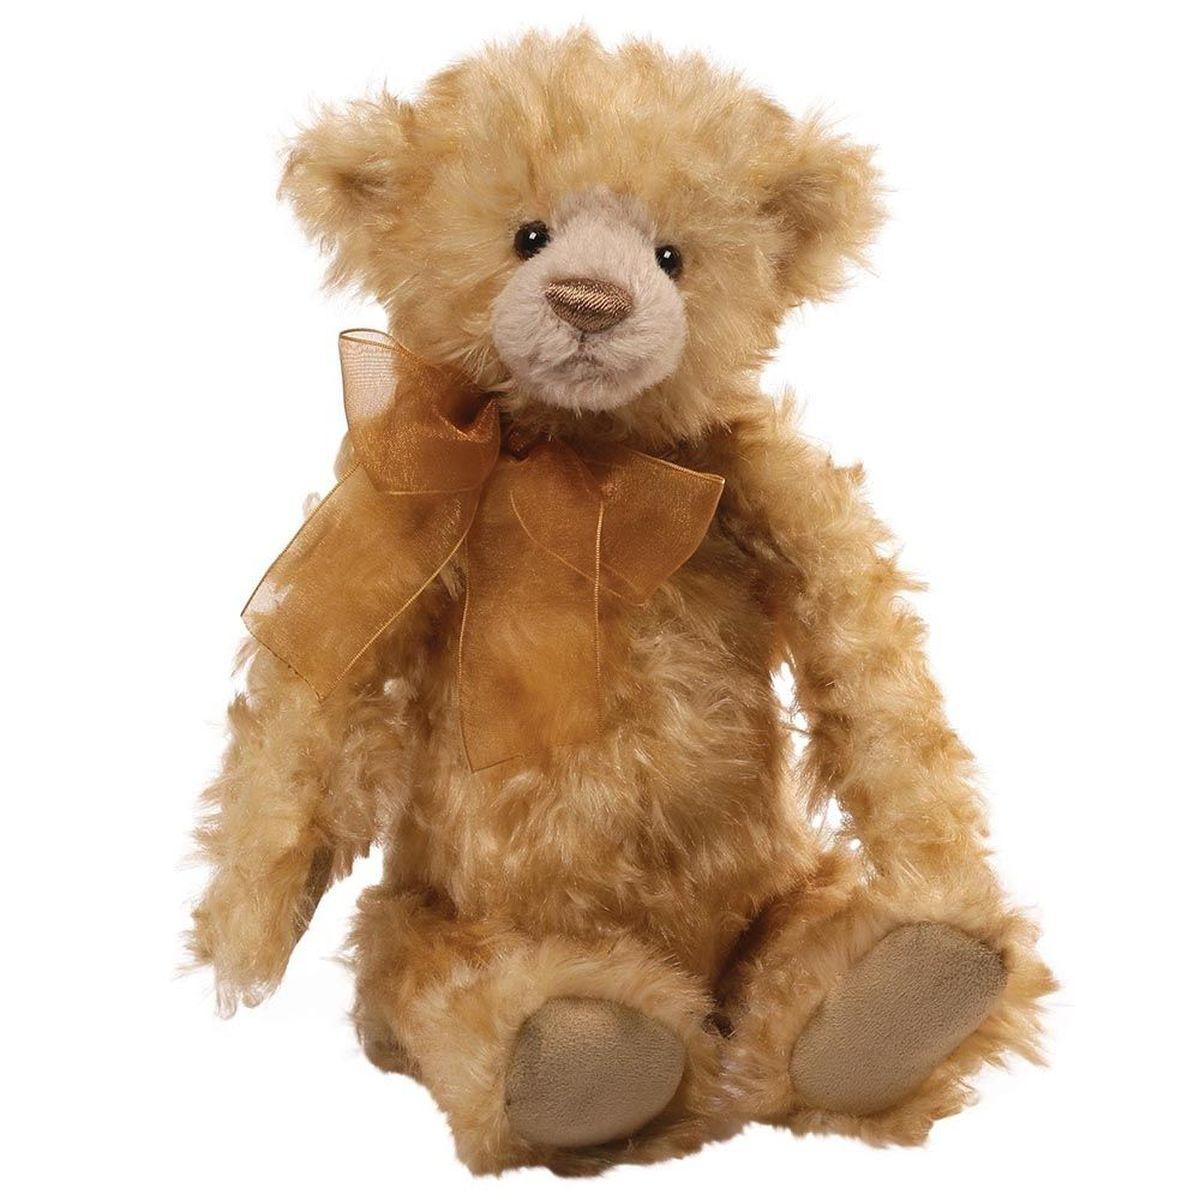 Gund Мягкая игрушка Braden Bear 33 см мягкая игрушка steiff paddington bear